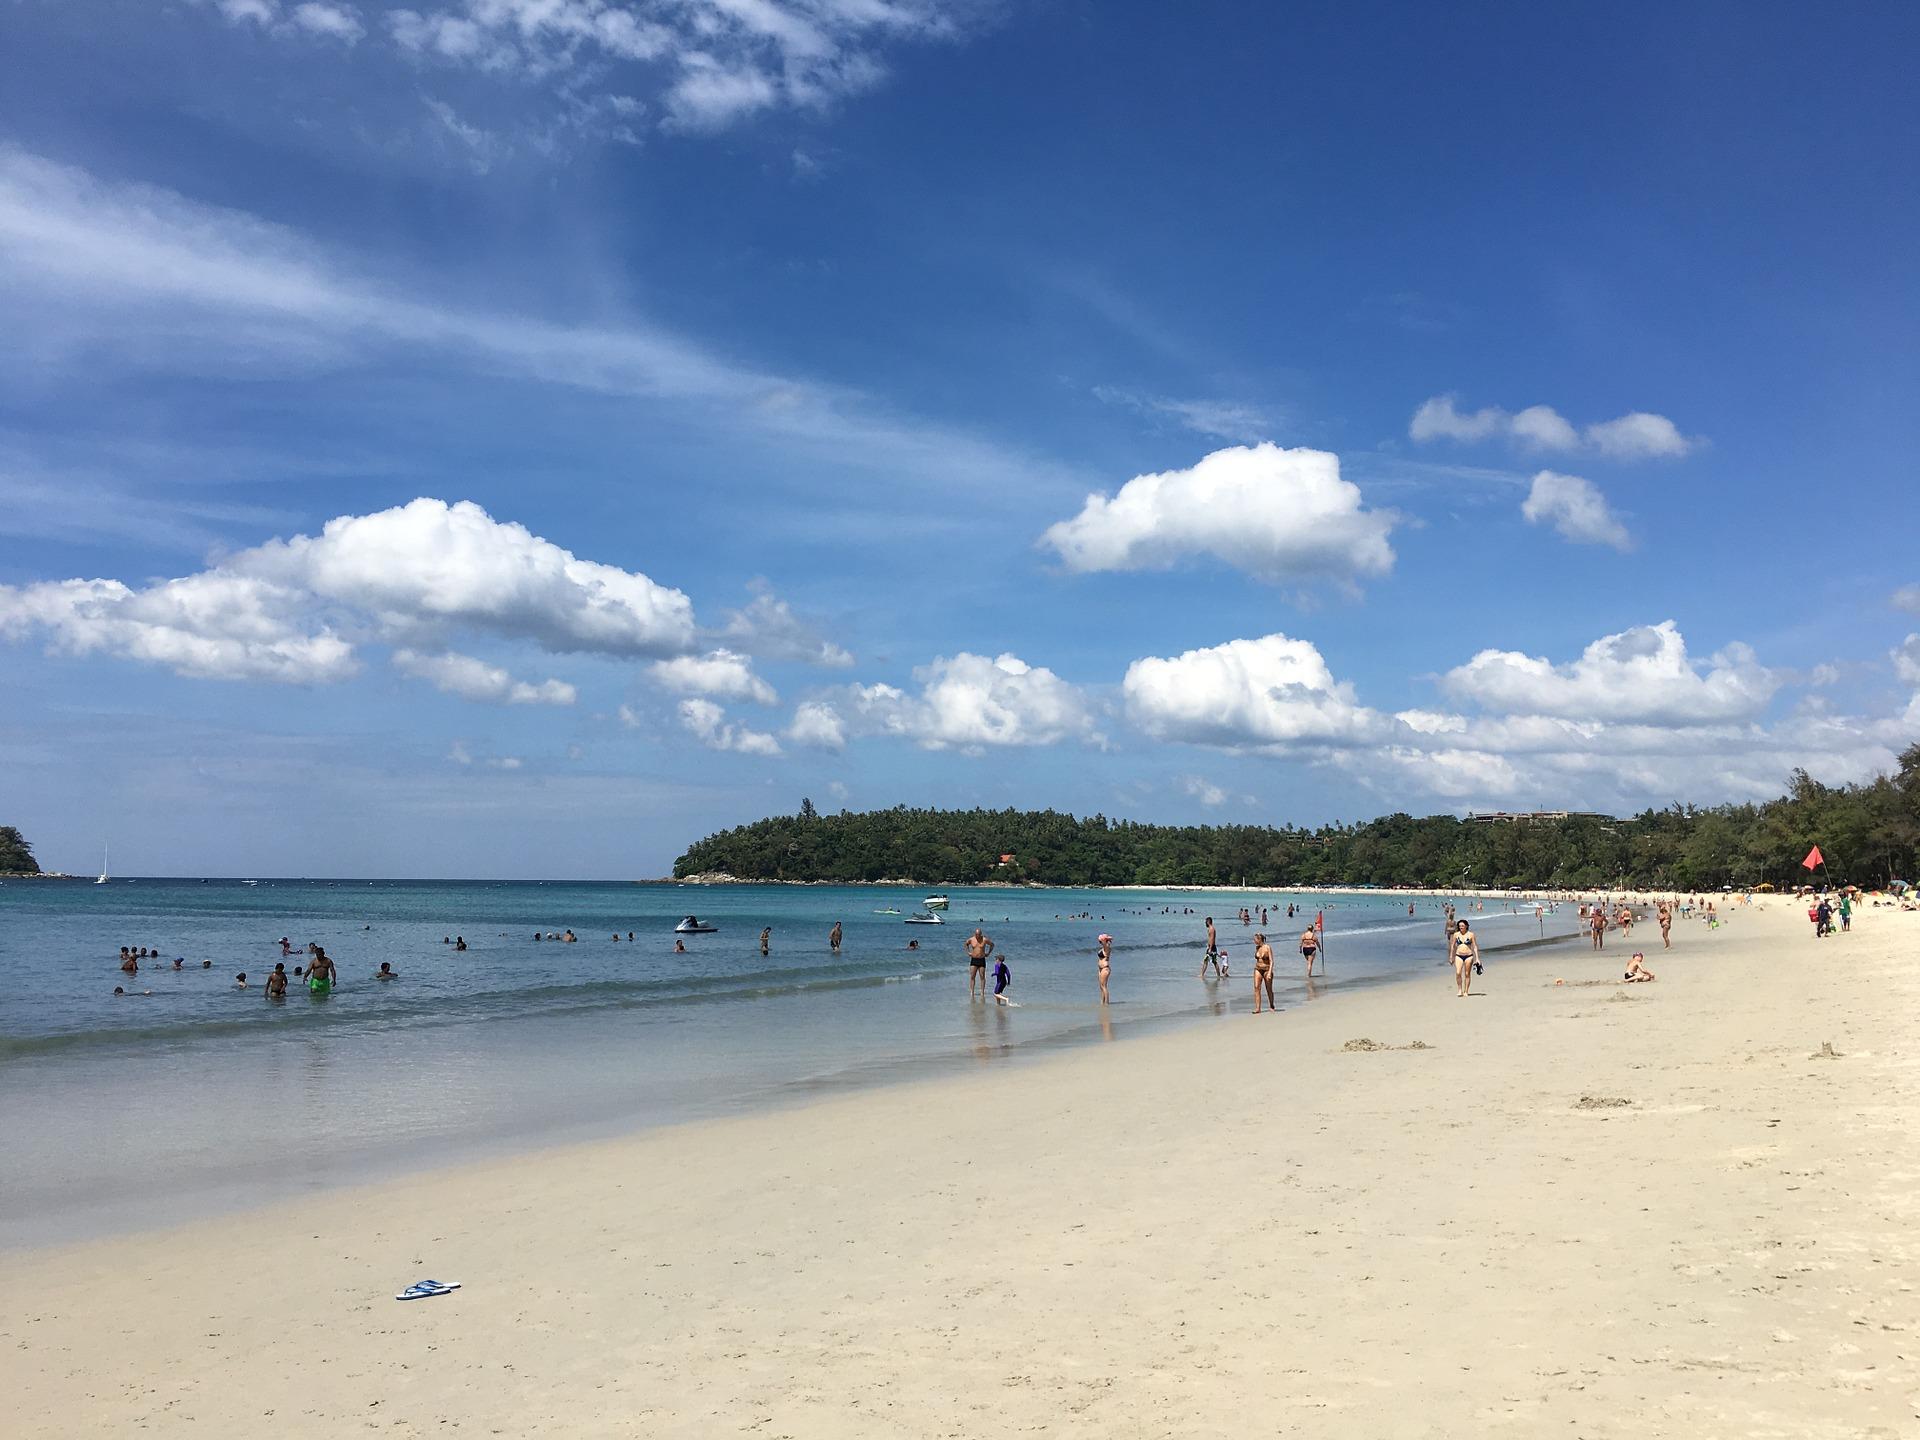 Der Strandabschnitt von Bang Tao Beach der beliebteste Strand in Phuket selbst die einheimischen kommen hier zum Sonnen & feiern her